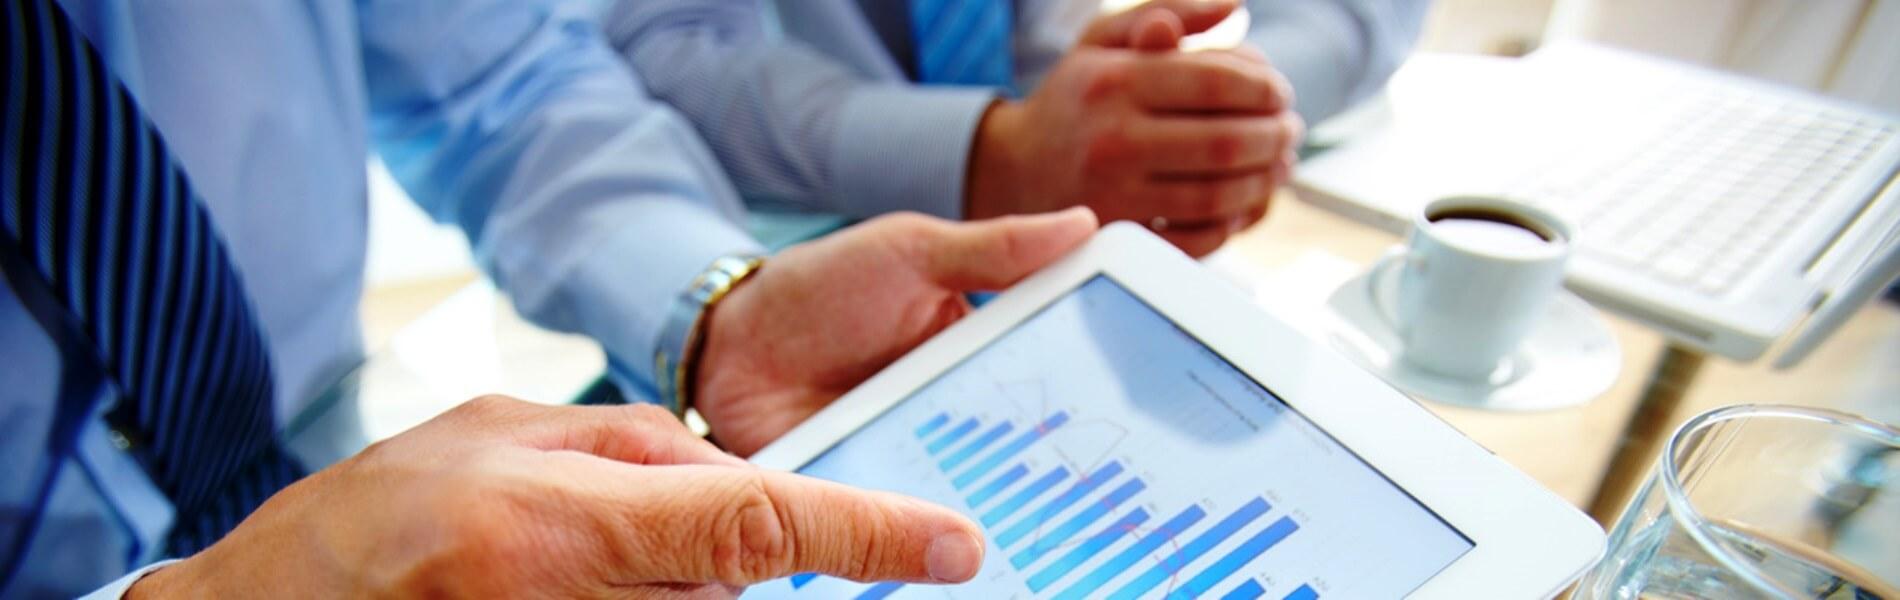 Servicios y consultoría para e-learning